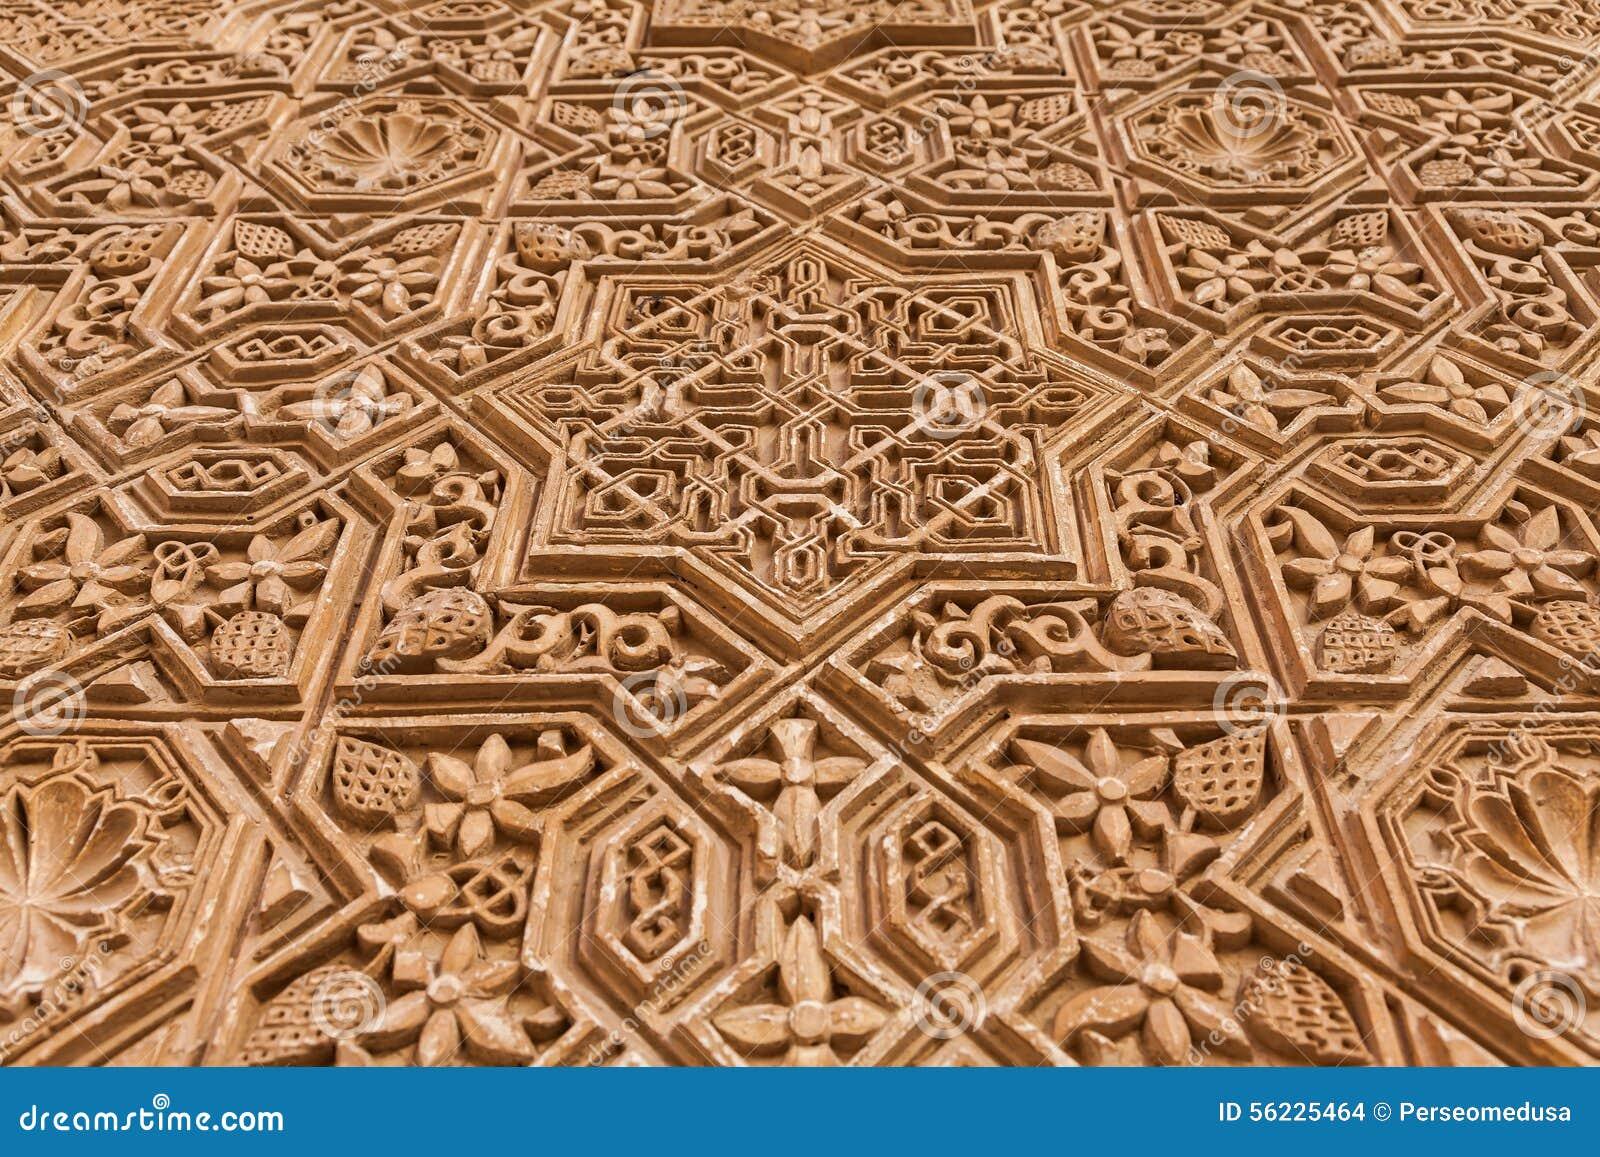 Arabische dekoration auf acient wand stockfoto bild for Arabische dekoration